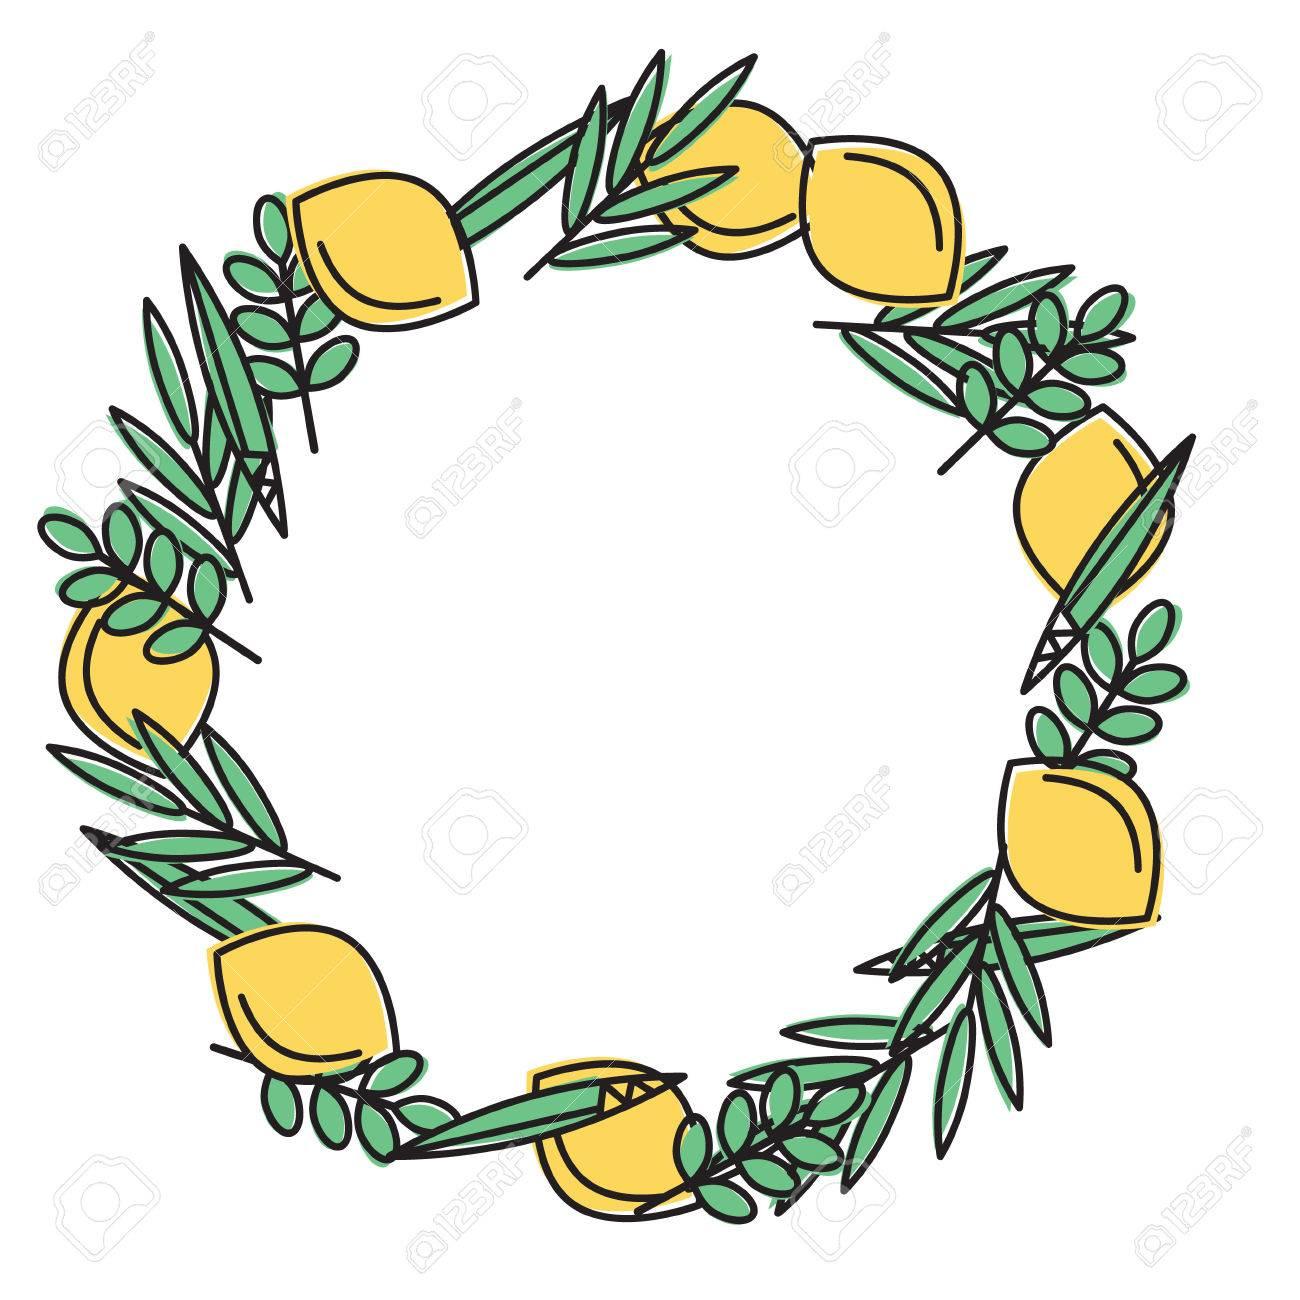 Sukkot Jewish Holiday Frame With Holiday Symbols Etrog Lulav